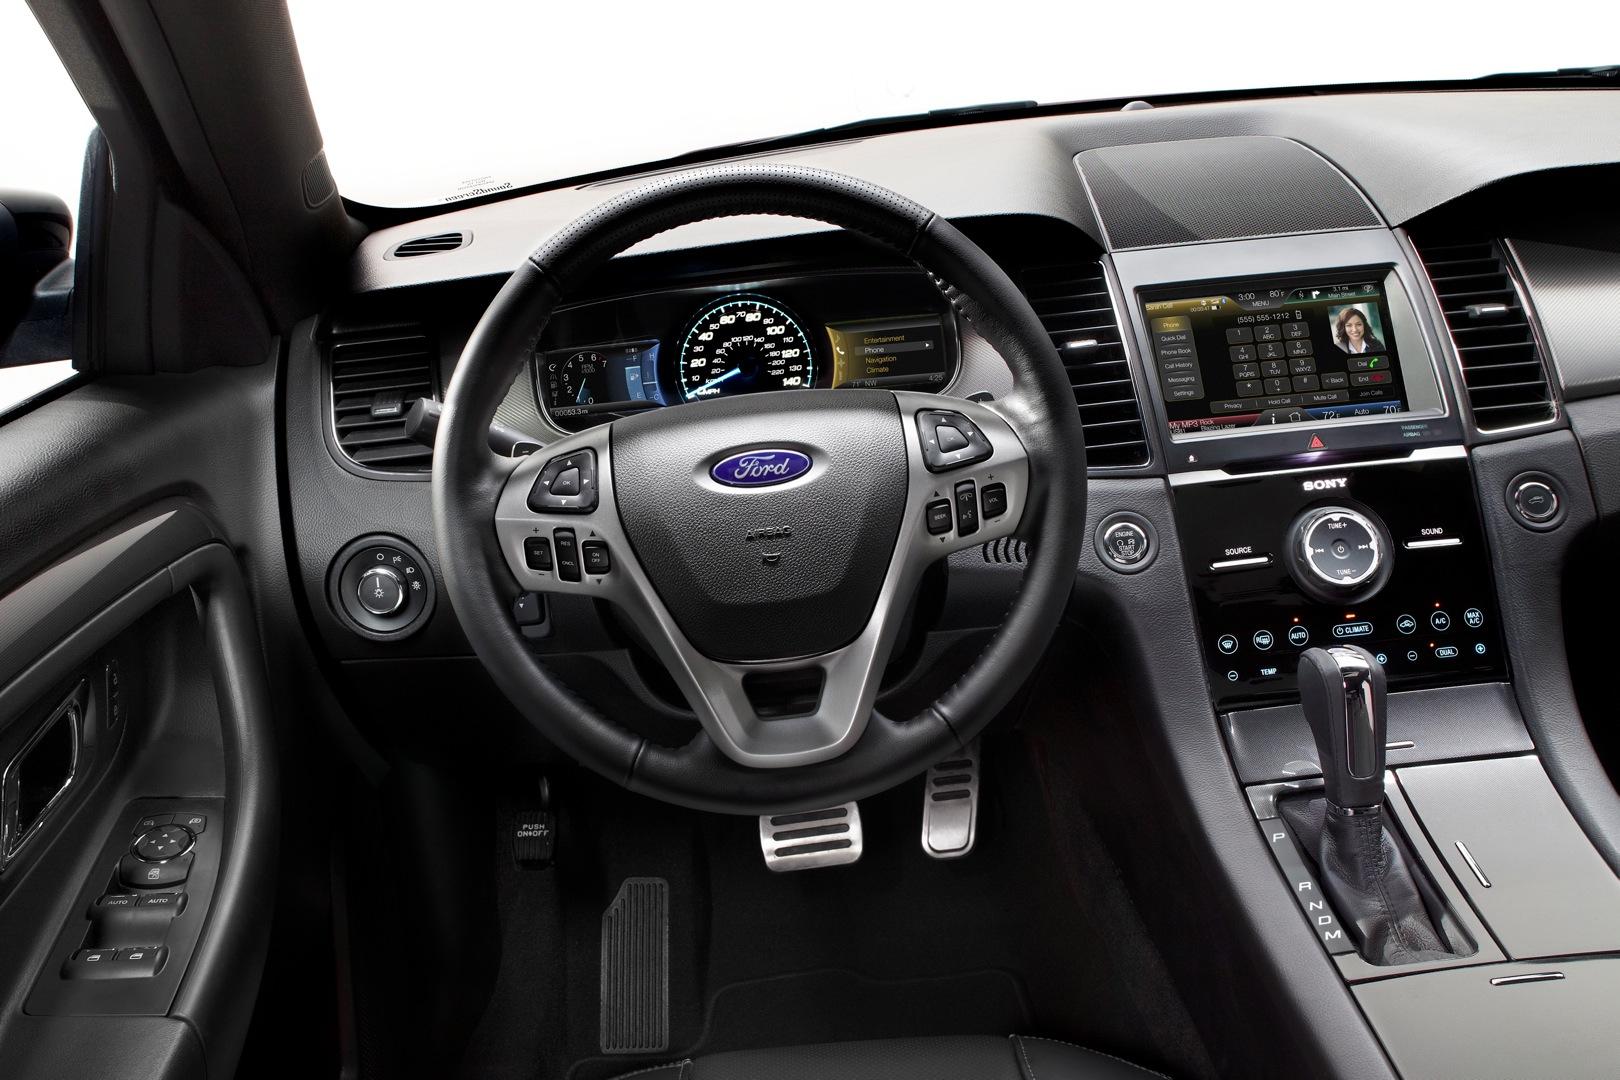 2019 Ford Black Mustang Inside